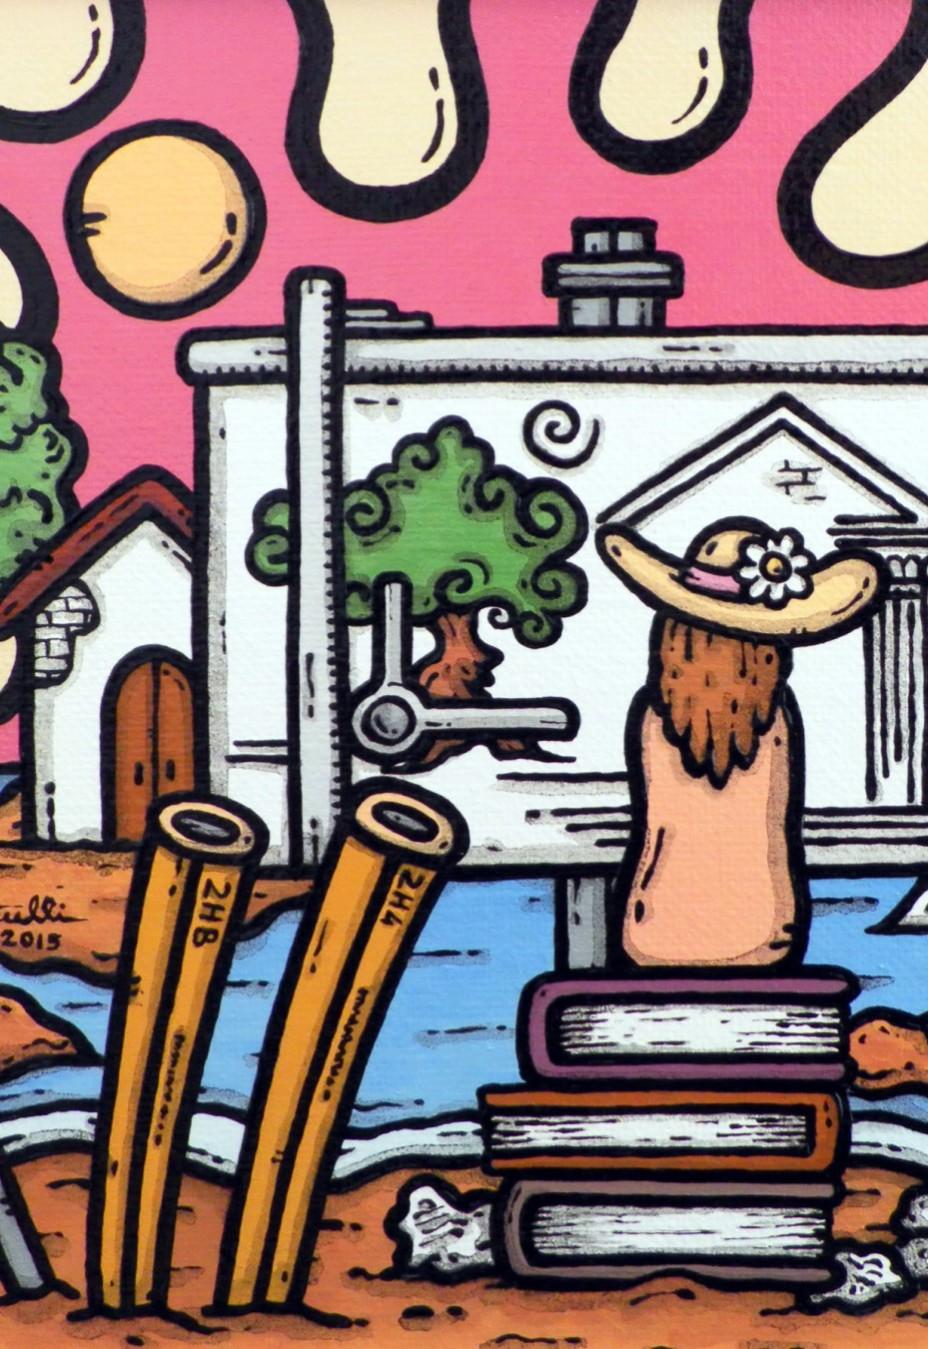 opera, contornismo metafisico, francesco ferrulli, pittore pugliese, artista italiano, arte contemporanea, dipinto, olio su tela, paesaggi pugliesi, puglia, quadro colorato, oil on canvas, art, painter, progettando sogni,